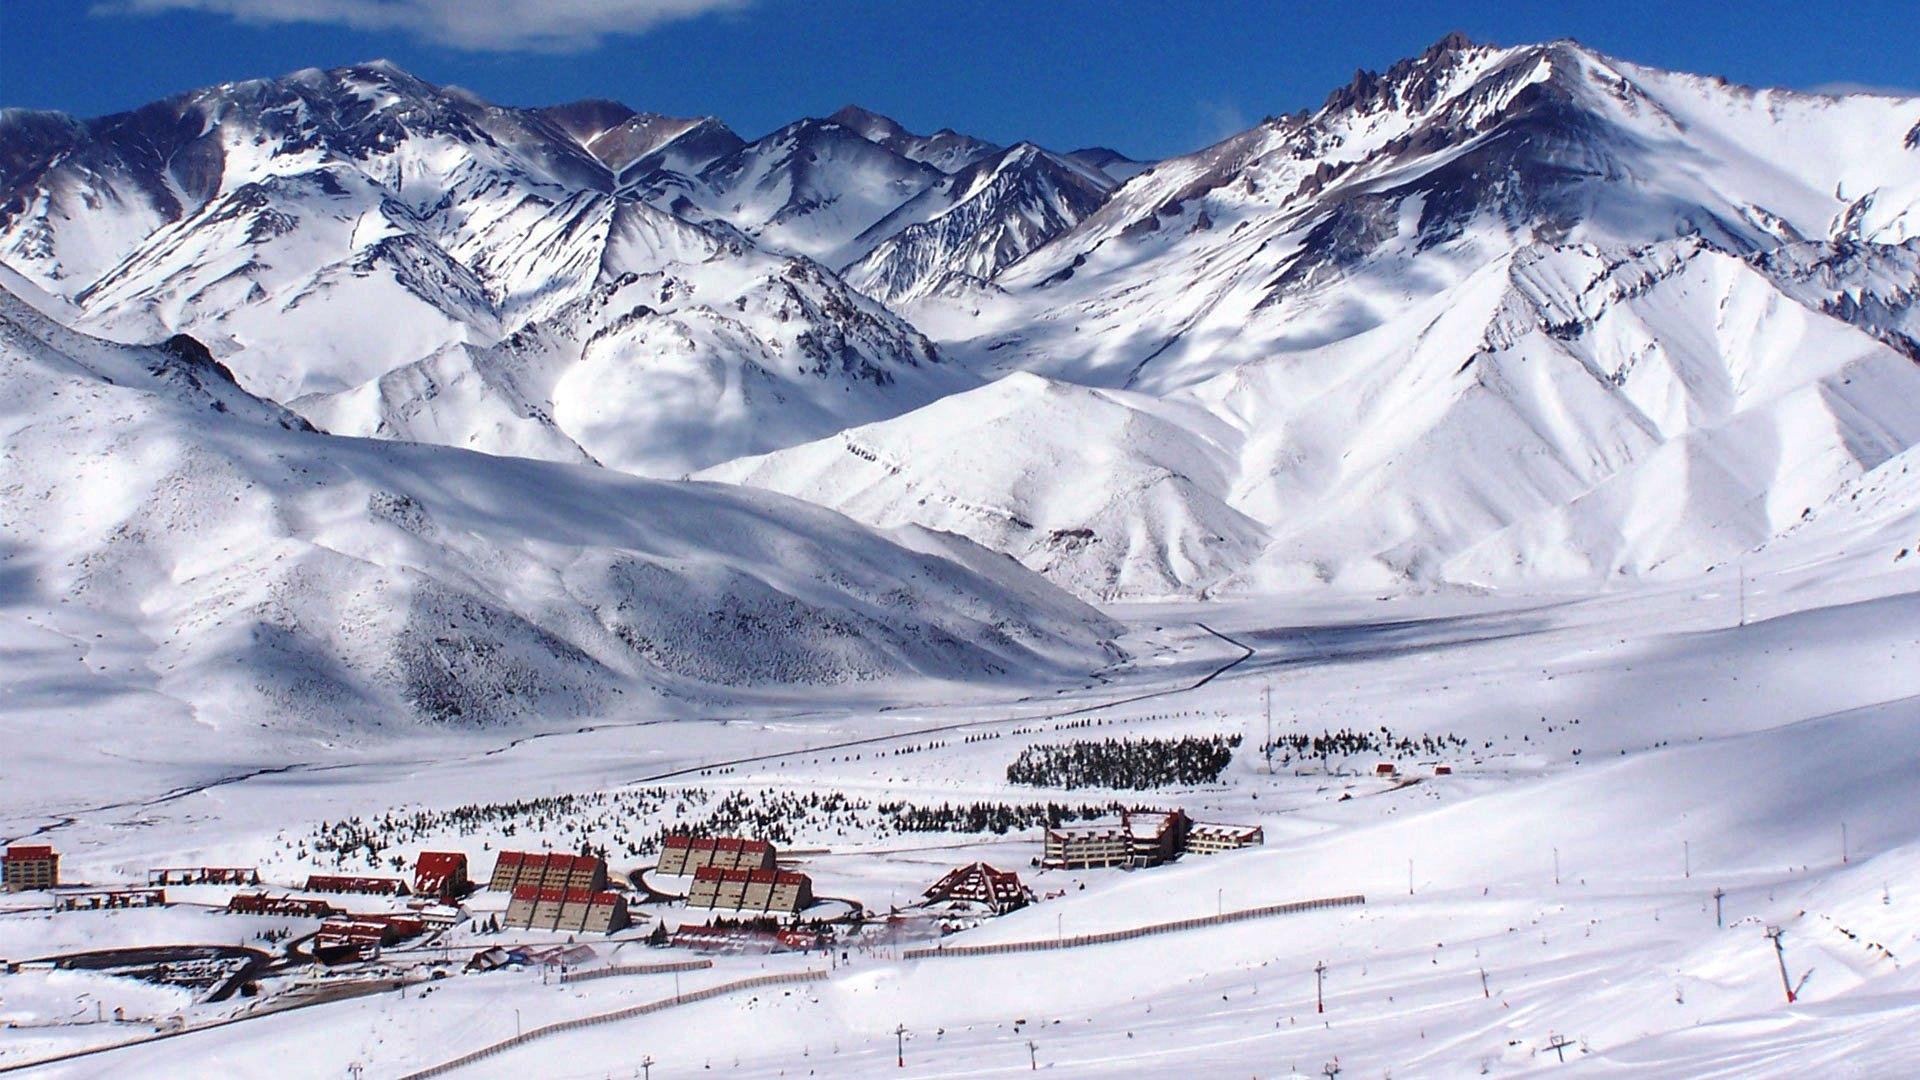 LATAM volta a operar voo direto para Bariloche durante a temporada de neve na Argentina